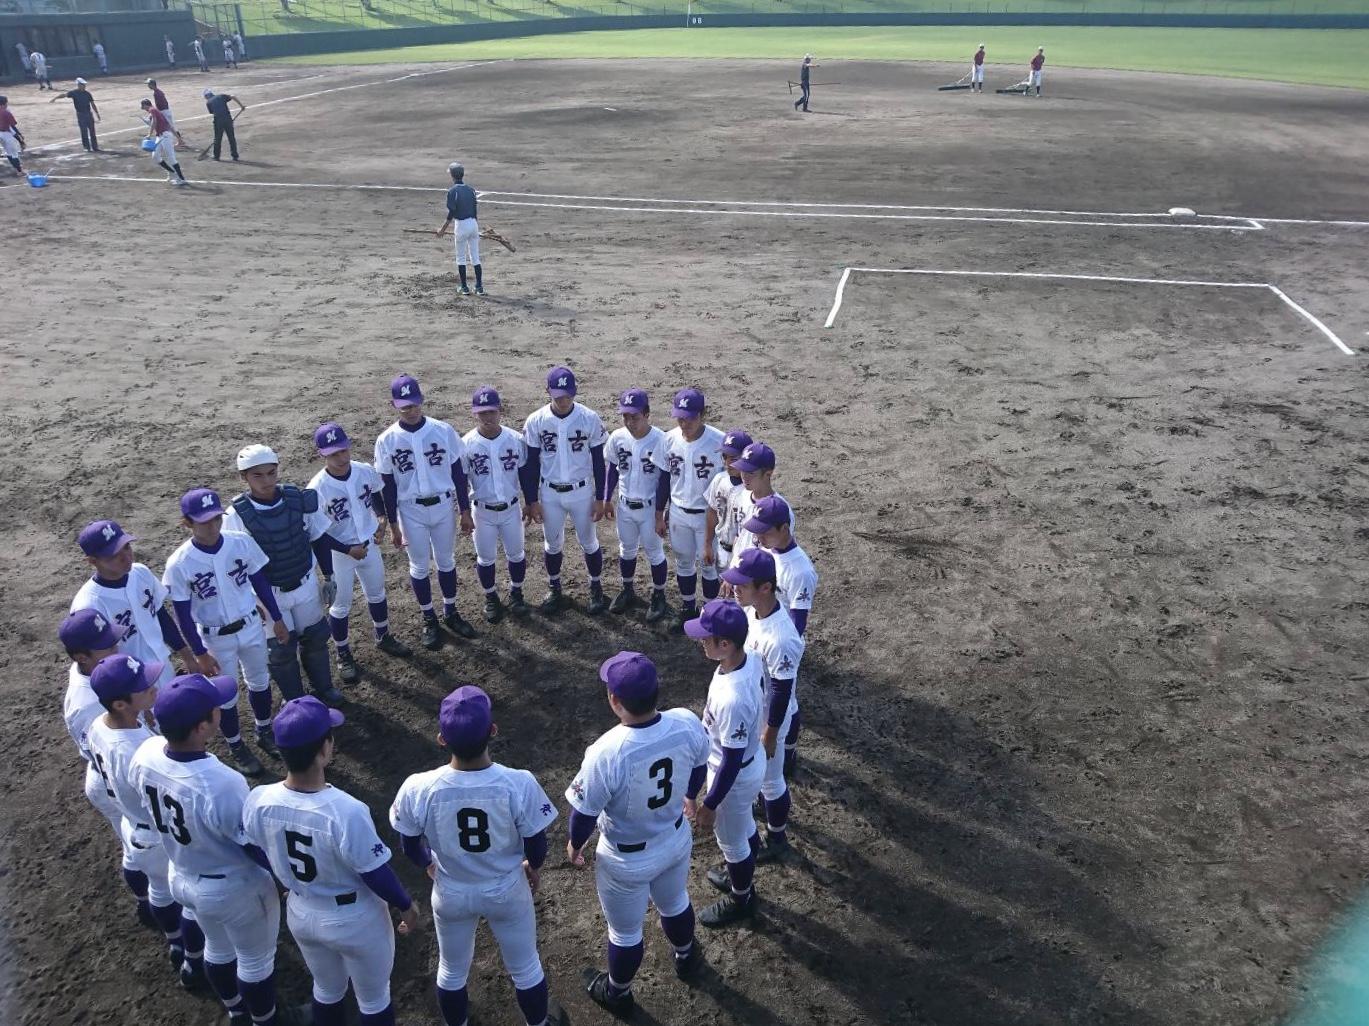 宮古高校と宮古総実の野球応援にいってきました!